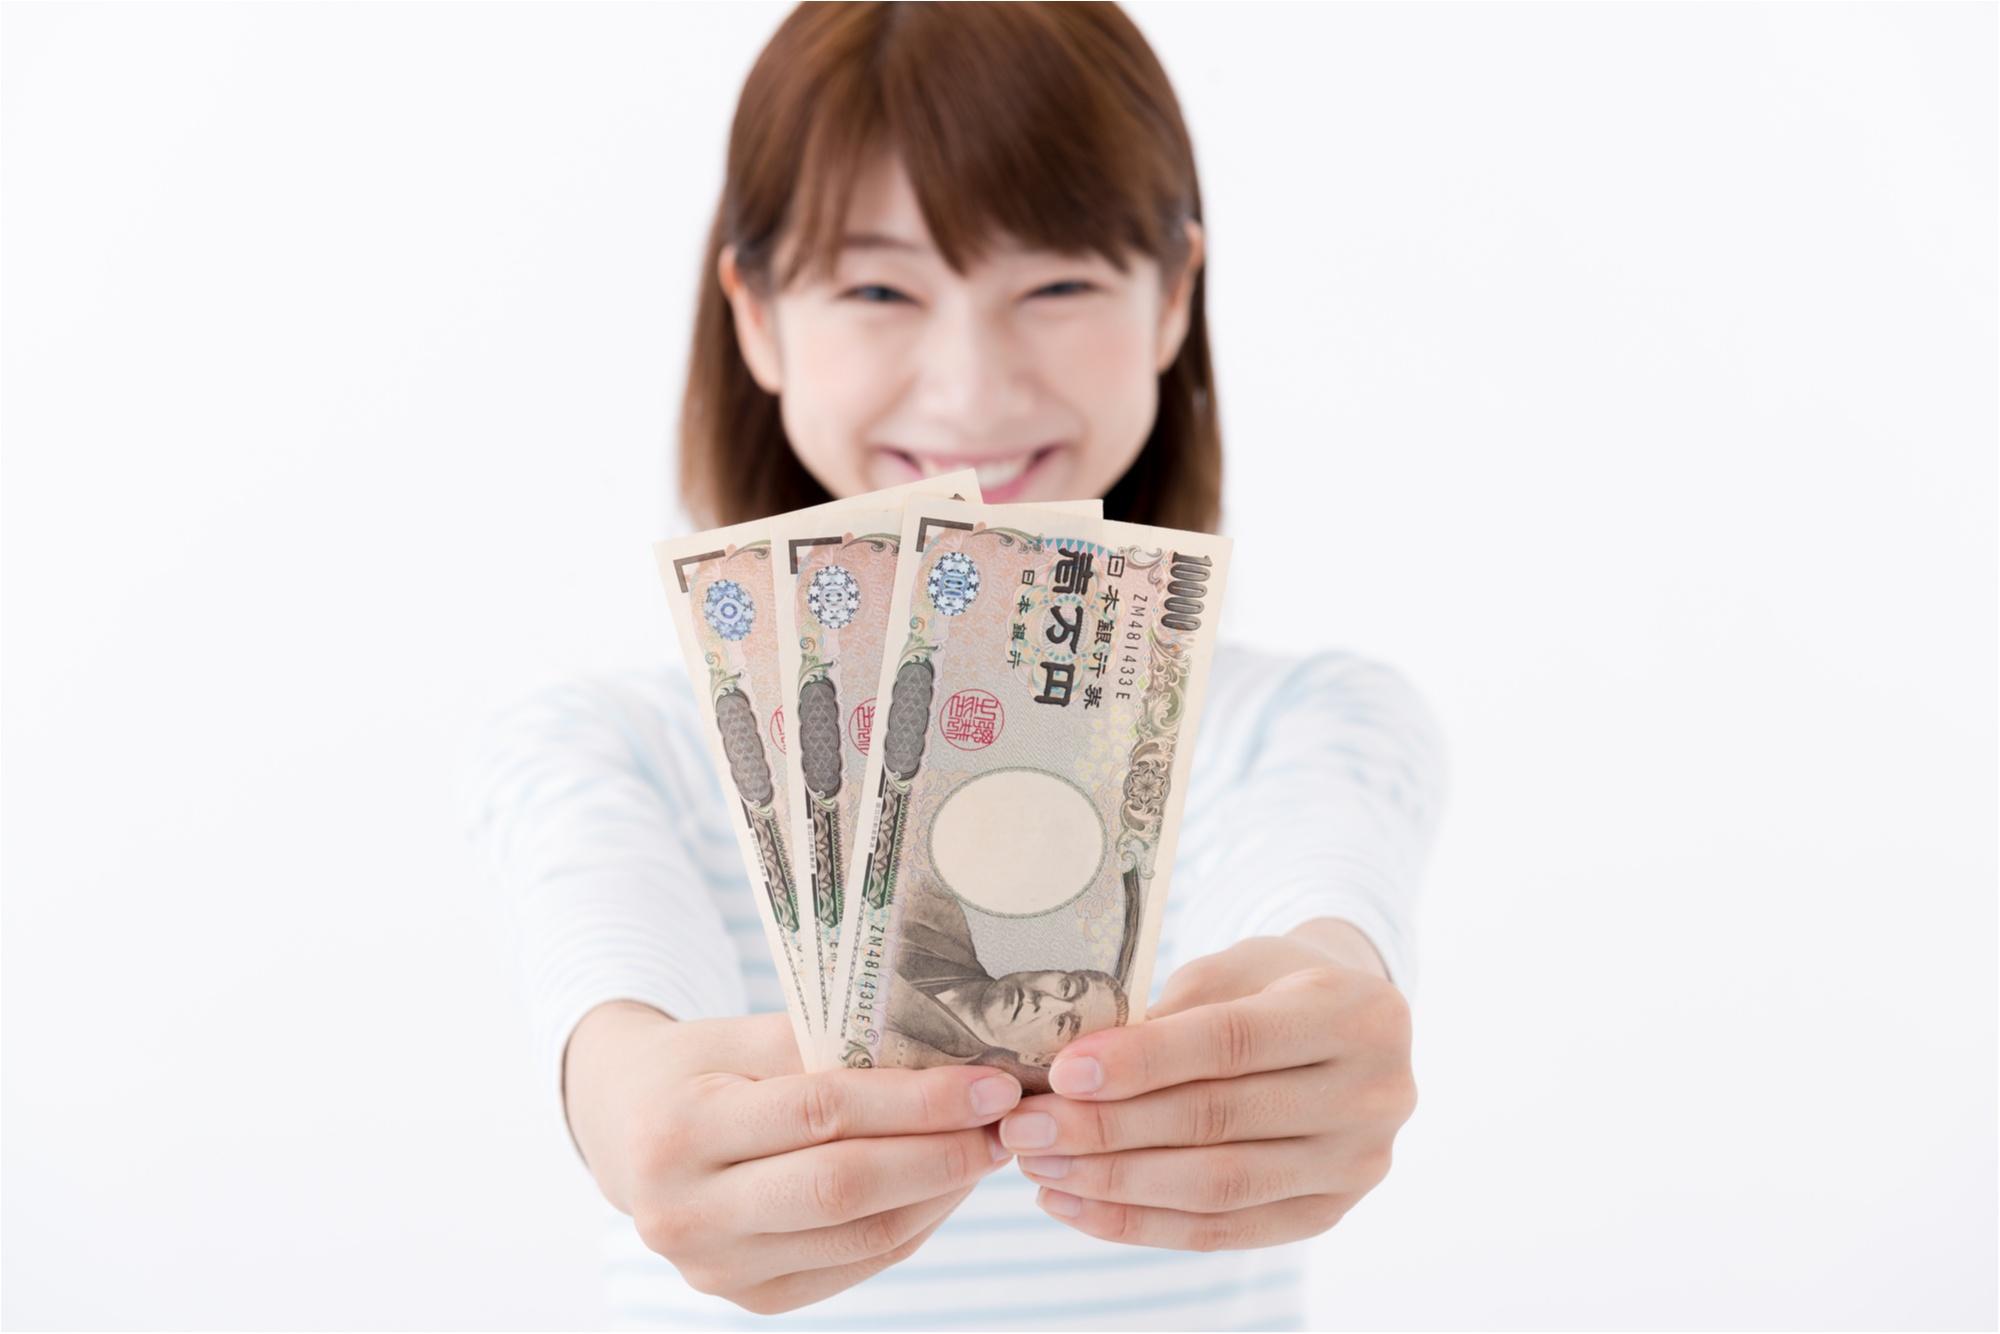 2017年こそ貯めたい! 手取り20万円の私が1年間で貯めるべき貯蓄額とは?_1